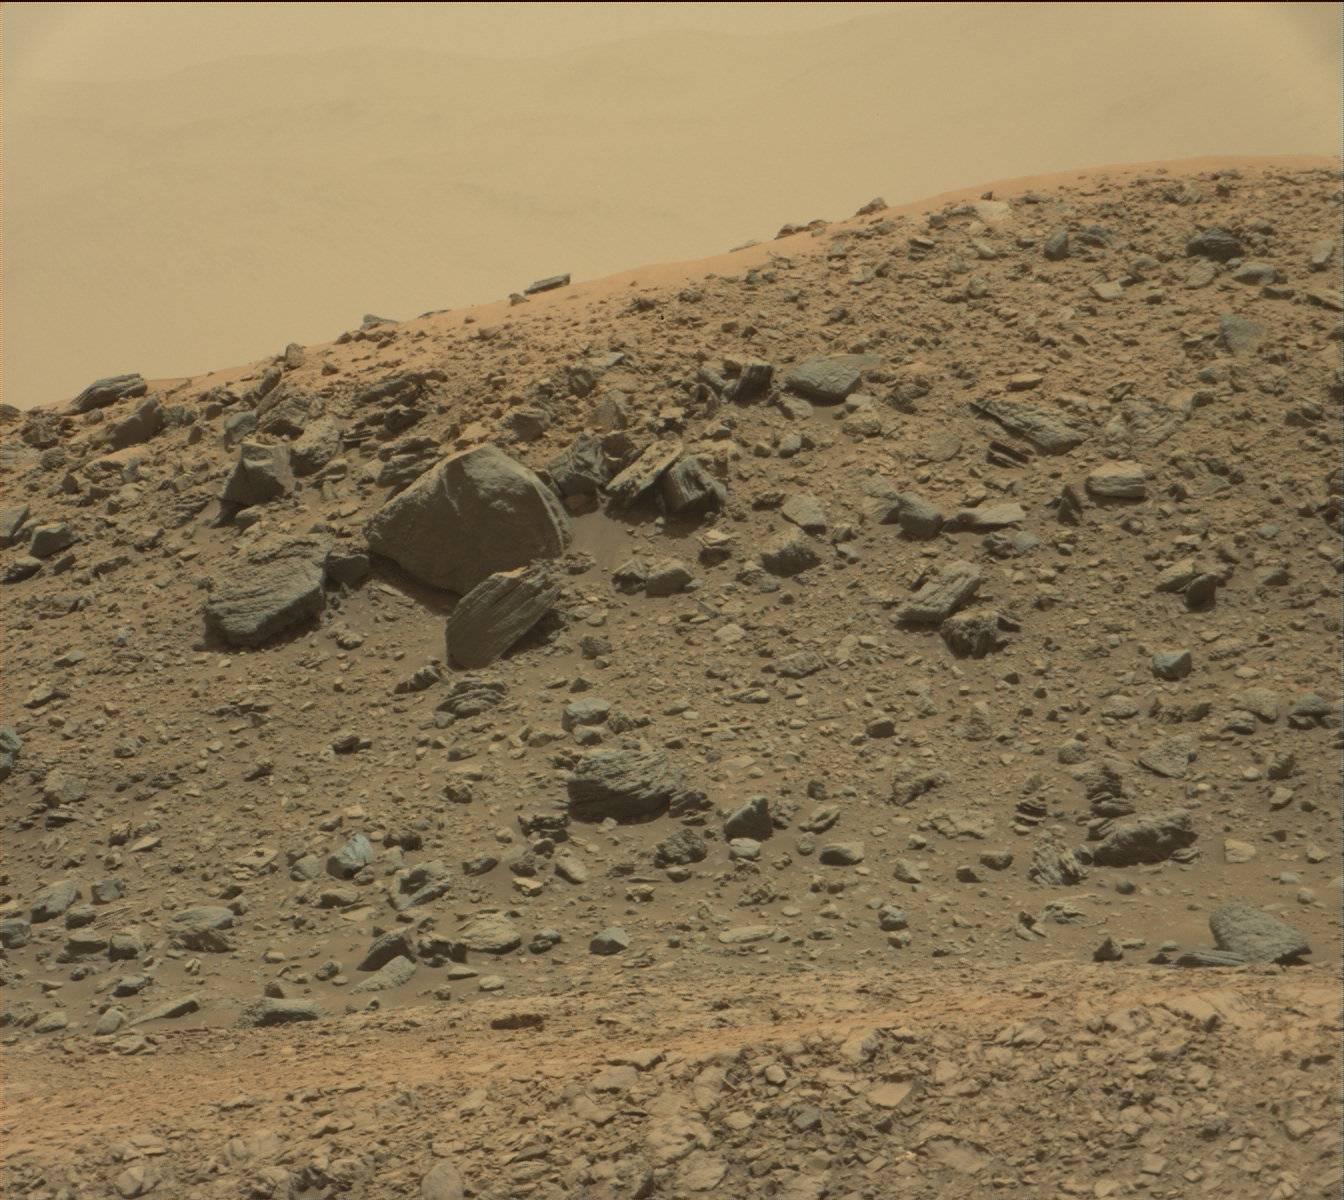 jpl mars rover curiosity - photo #15